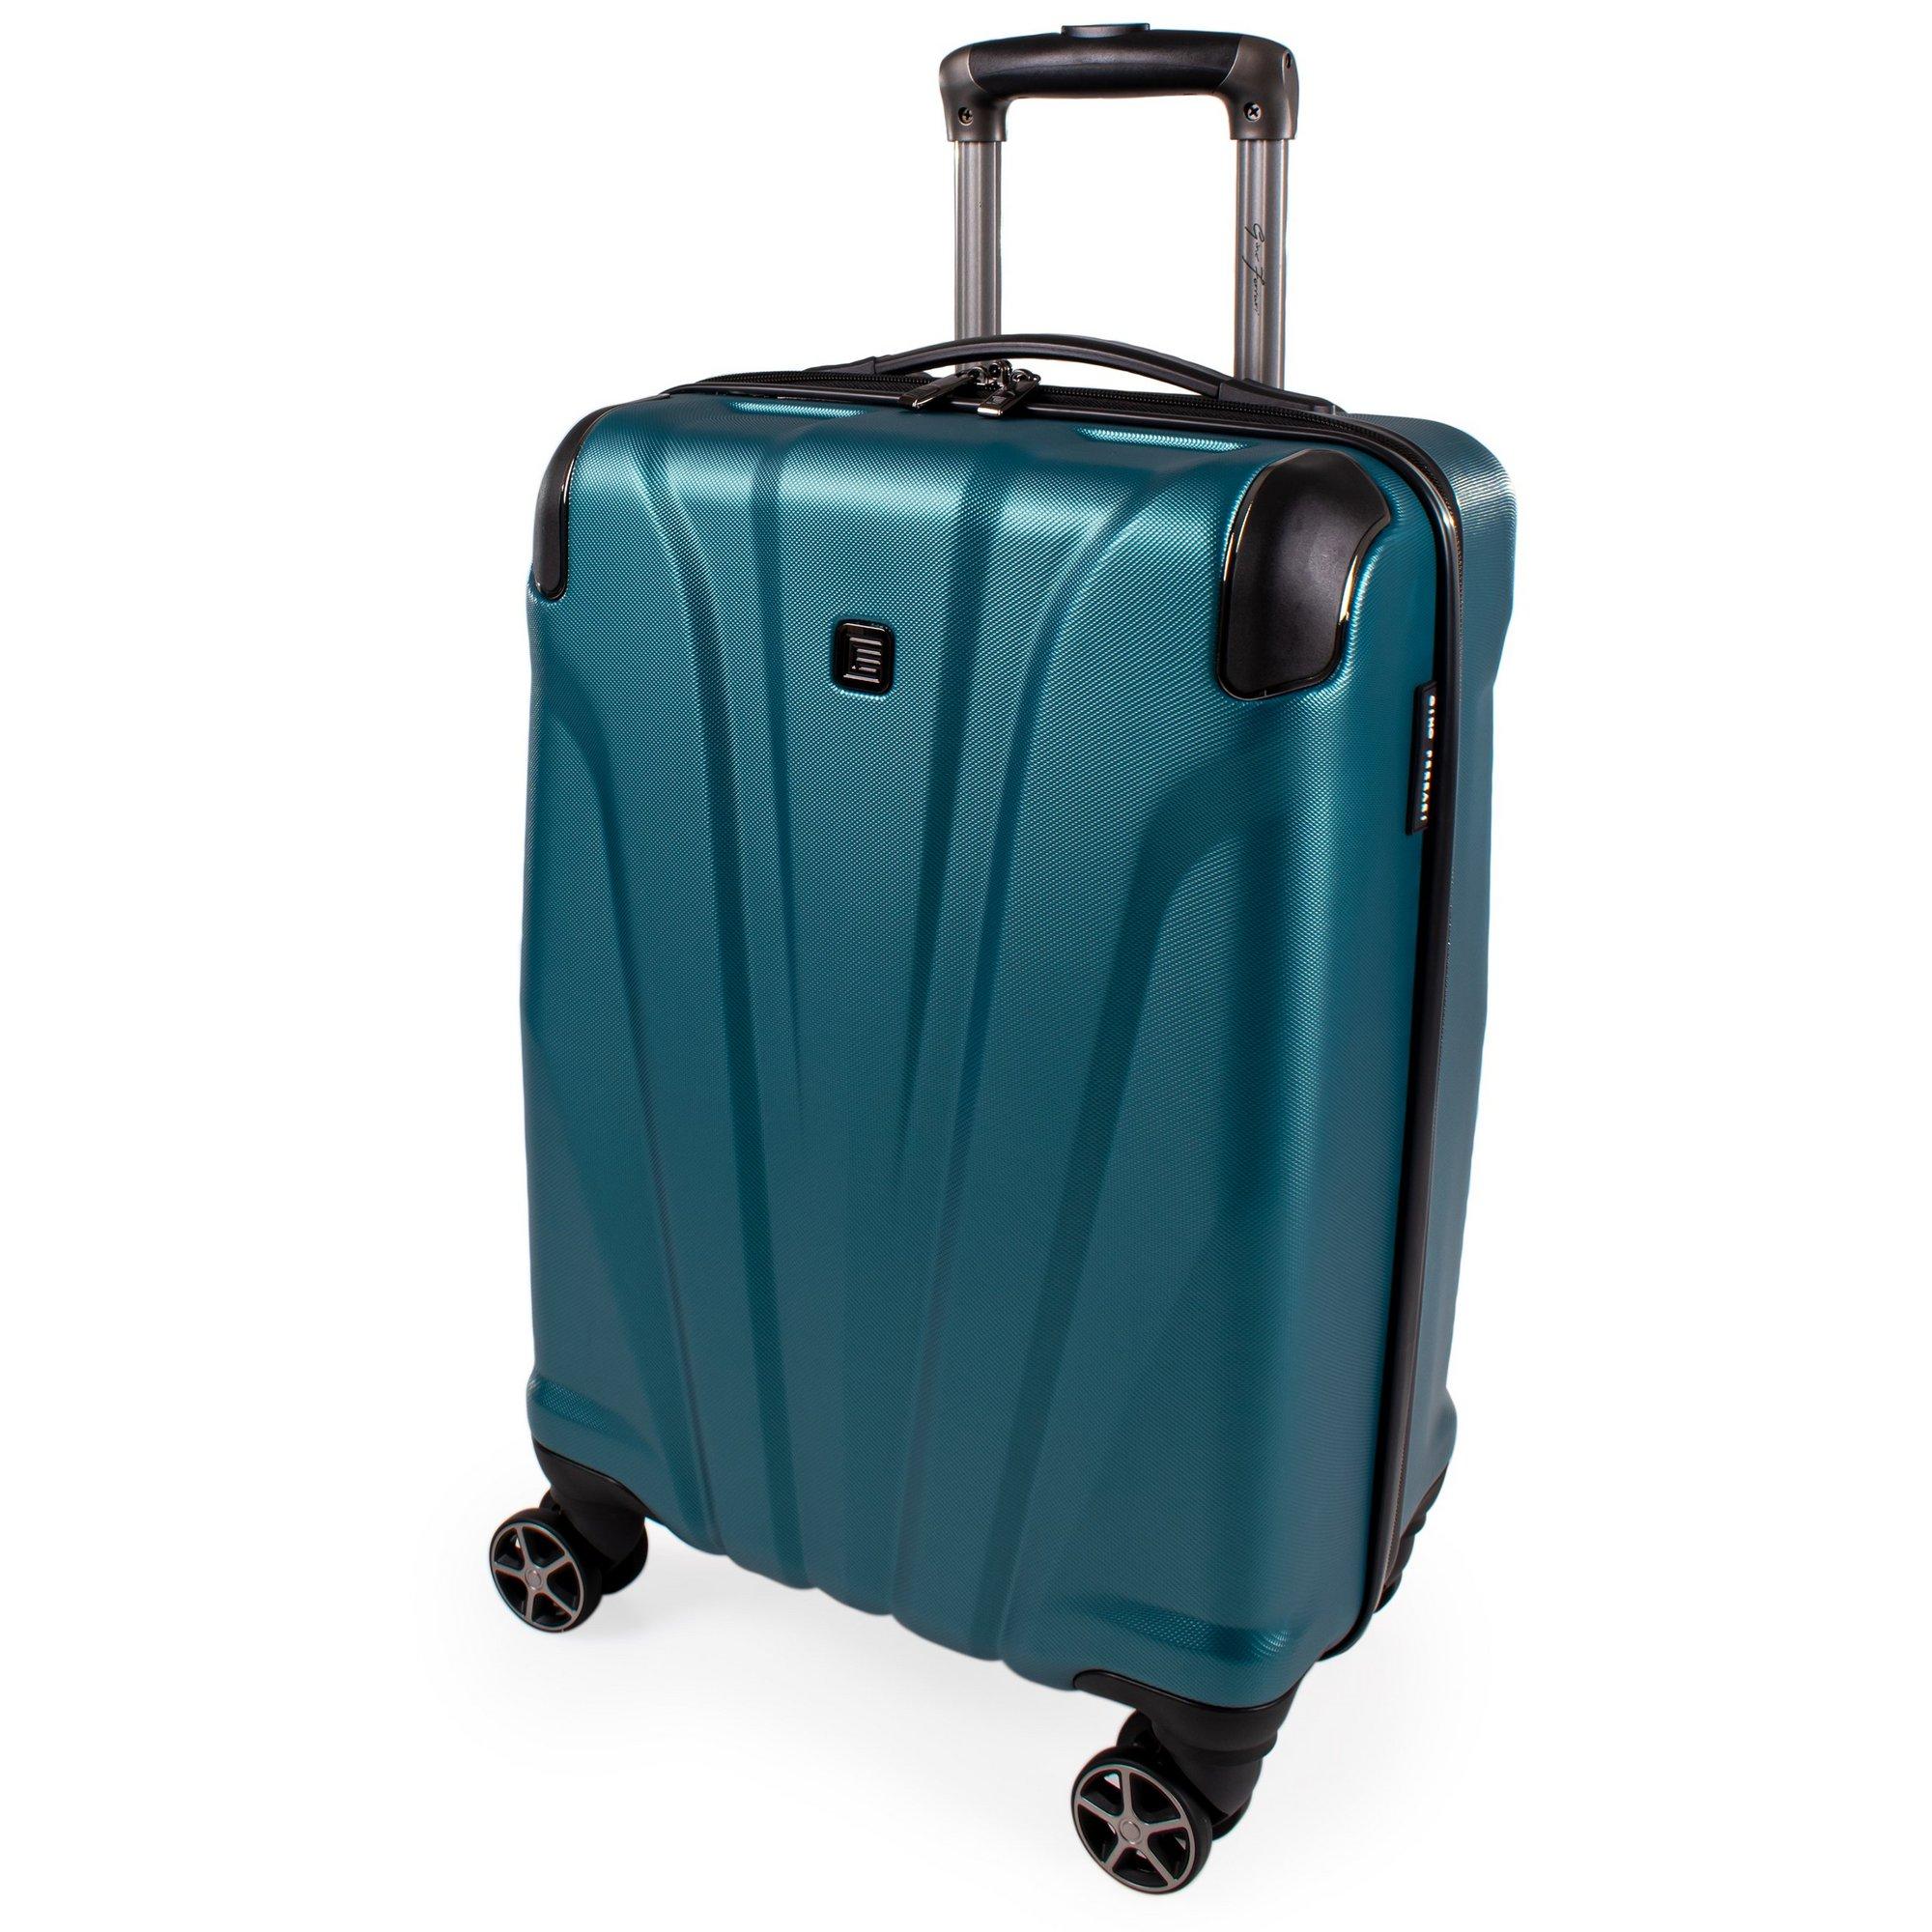 Image of Gino Ferrari Quasar ABS Suitcase